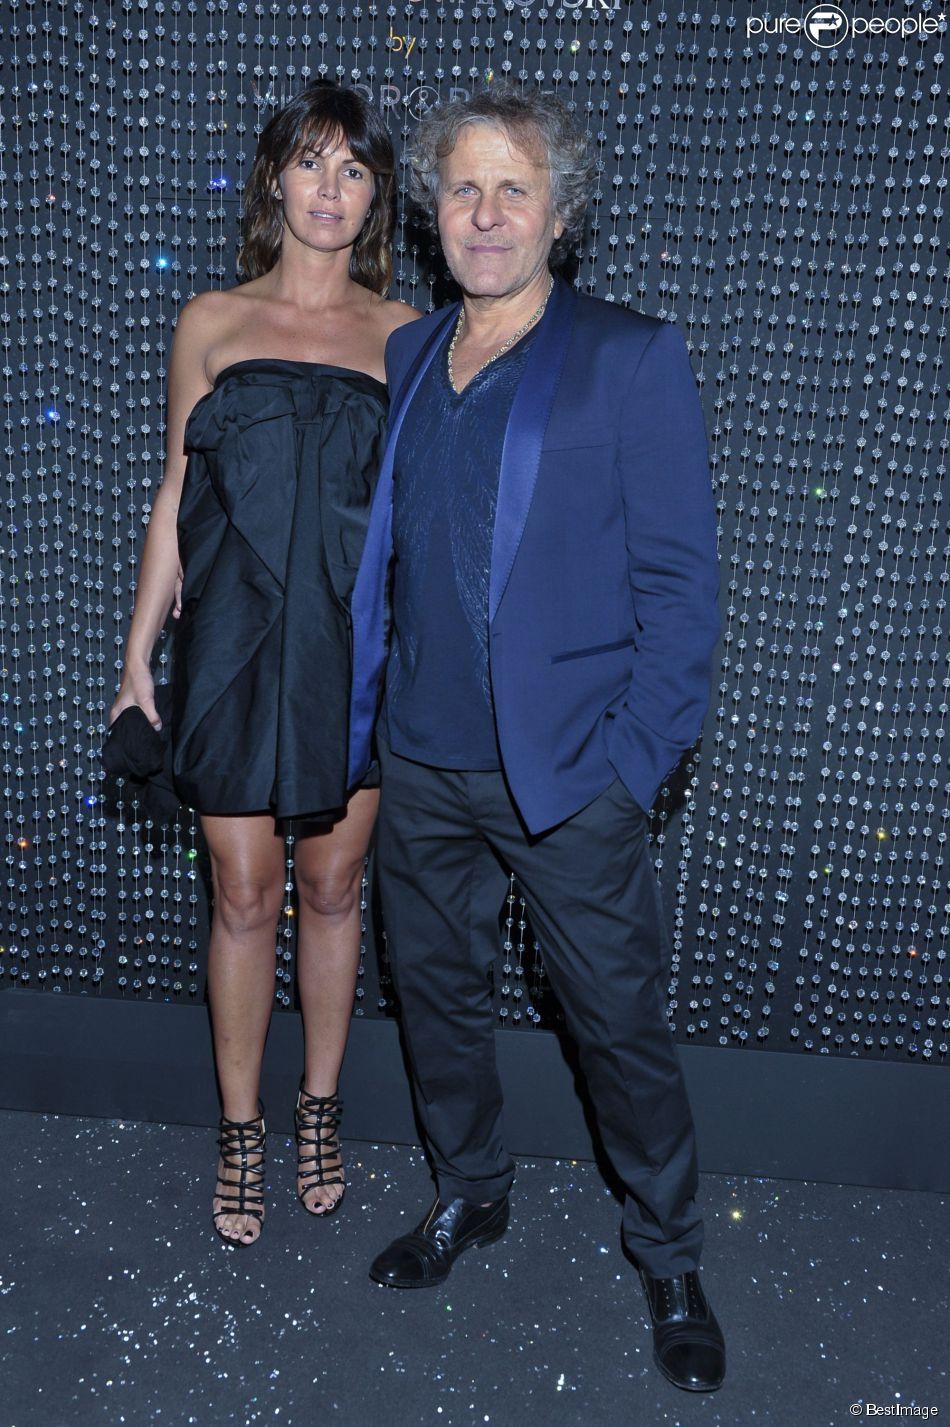 Renzo Rosso et Arianna Alessi - Soirée Swarovski et Viktor & Rolf à l'Ecrin lors du 67e Festival international du film de Cannes, le 16 mai 2014